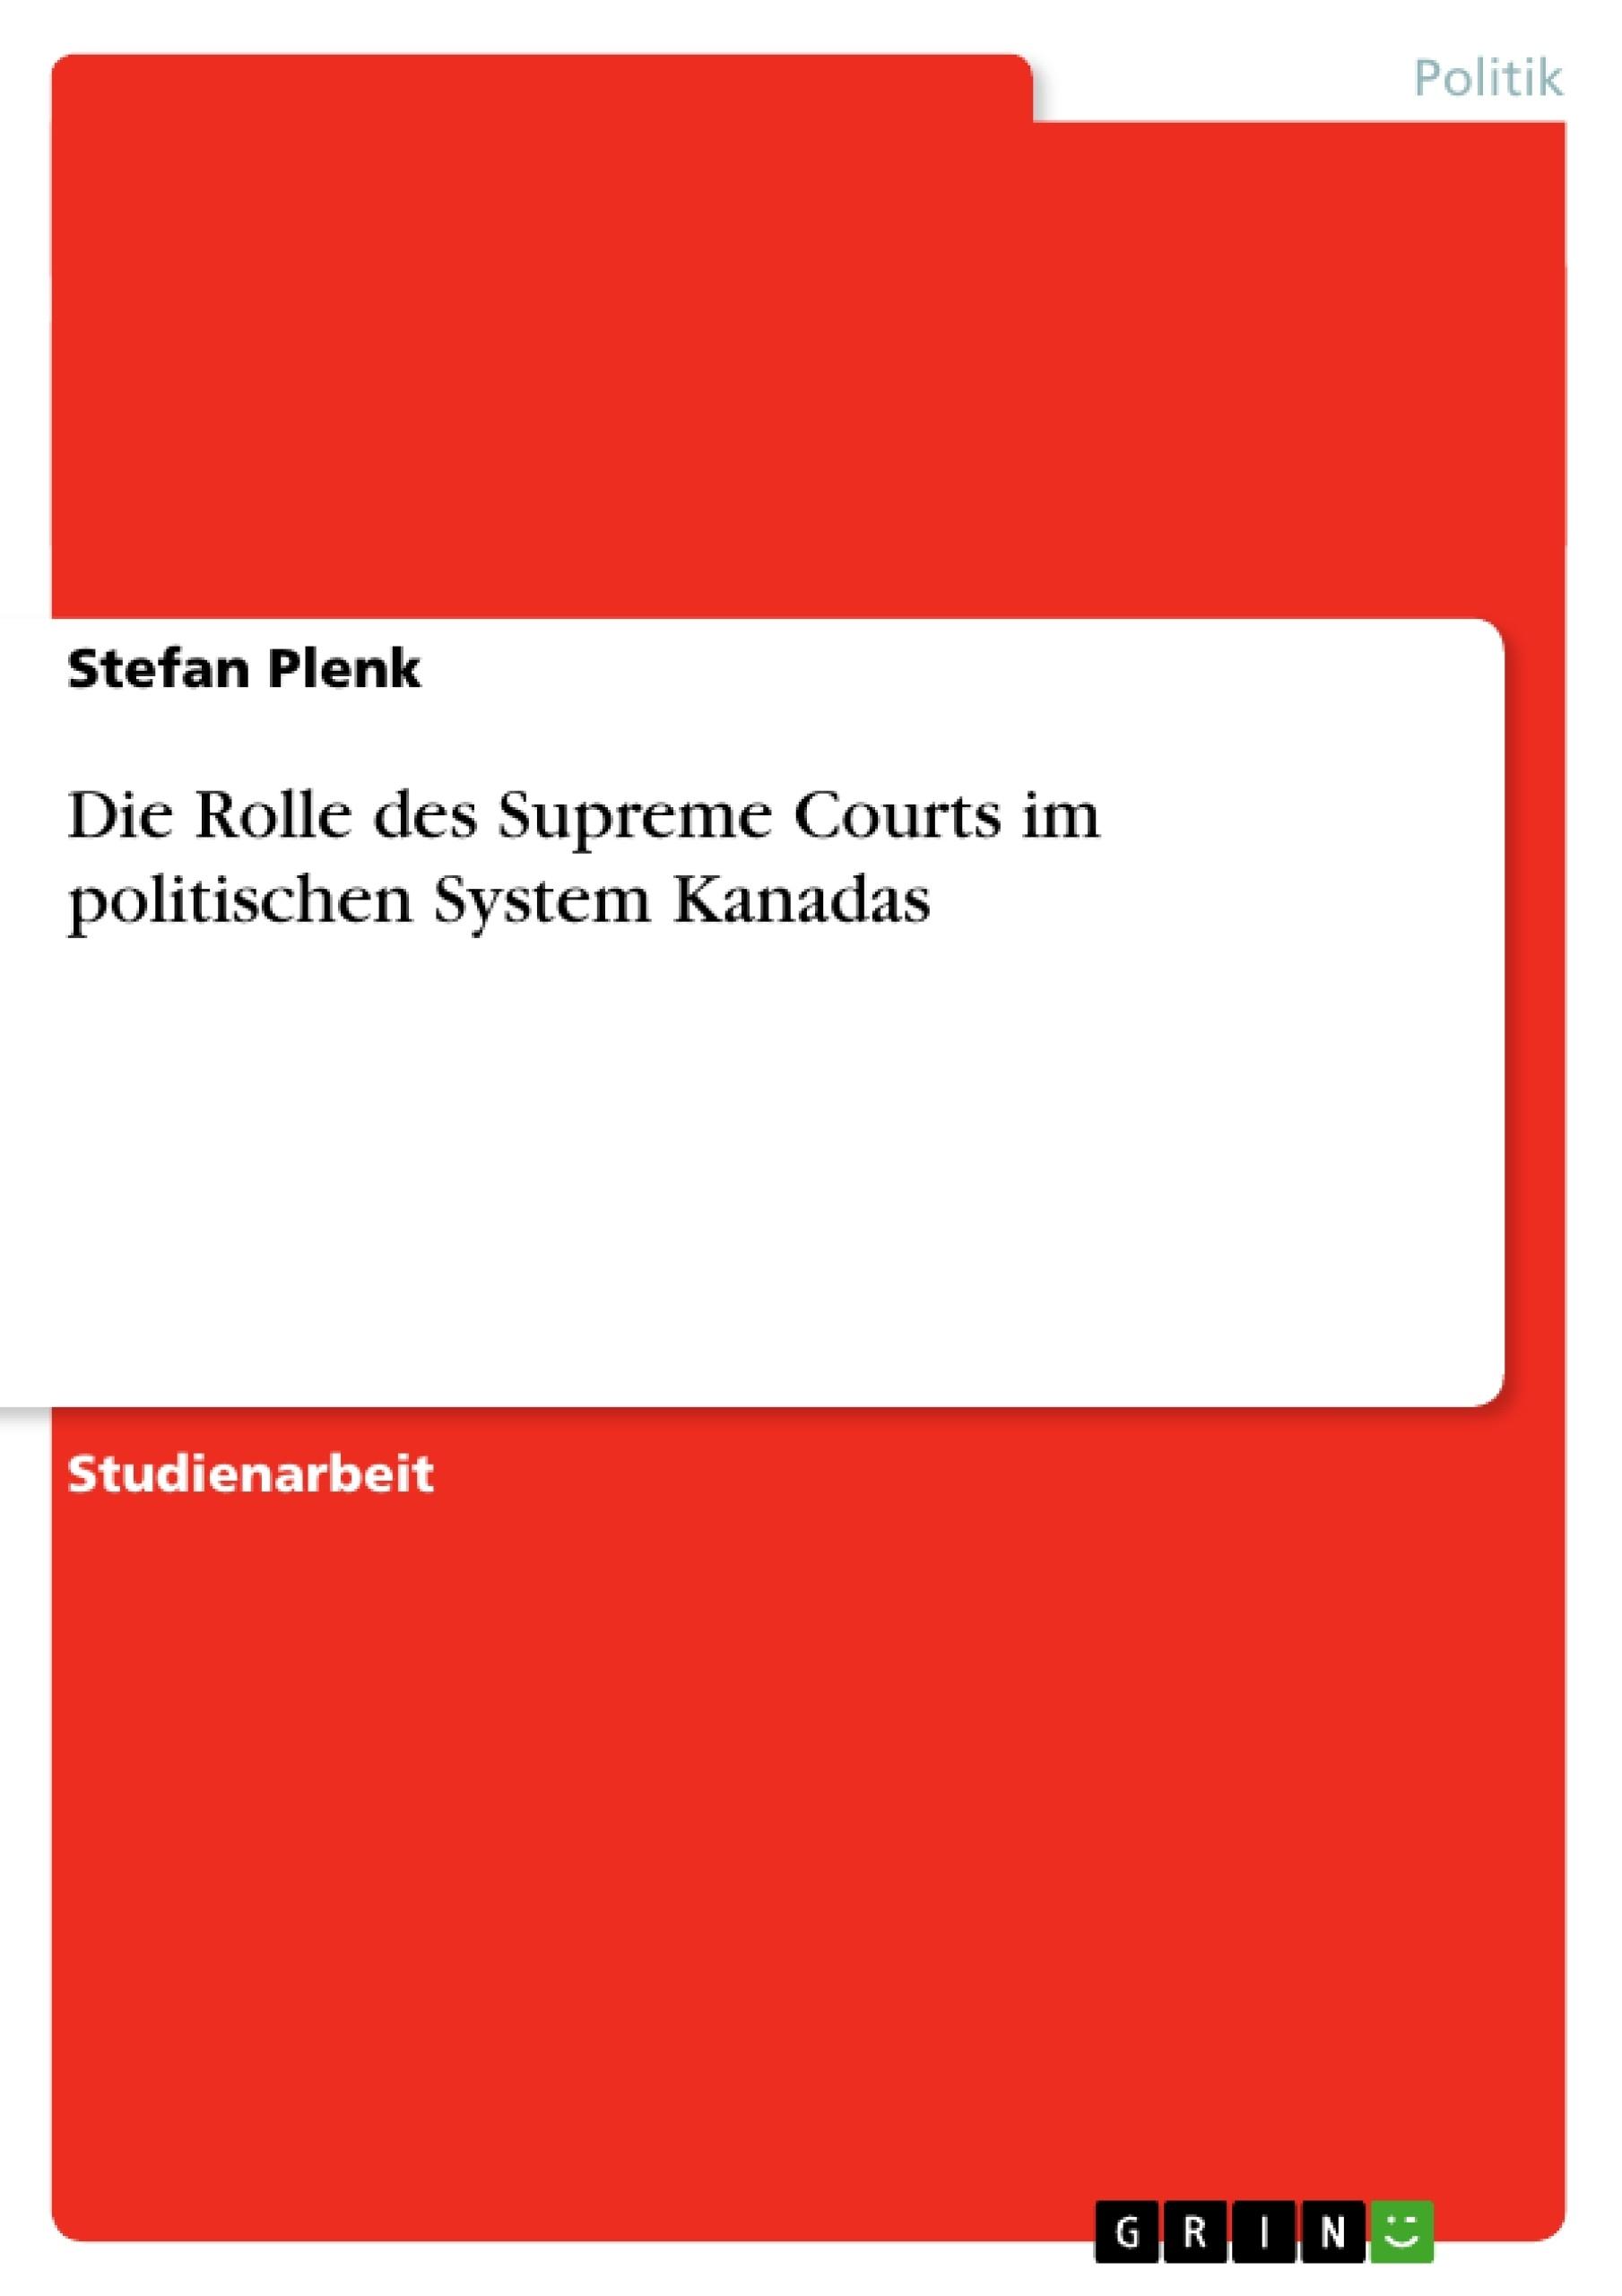 Titel: Die Rolle des Supreme Courts im politischen System Kanadas